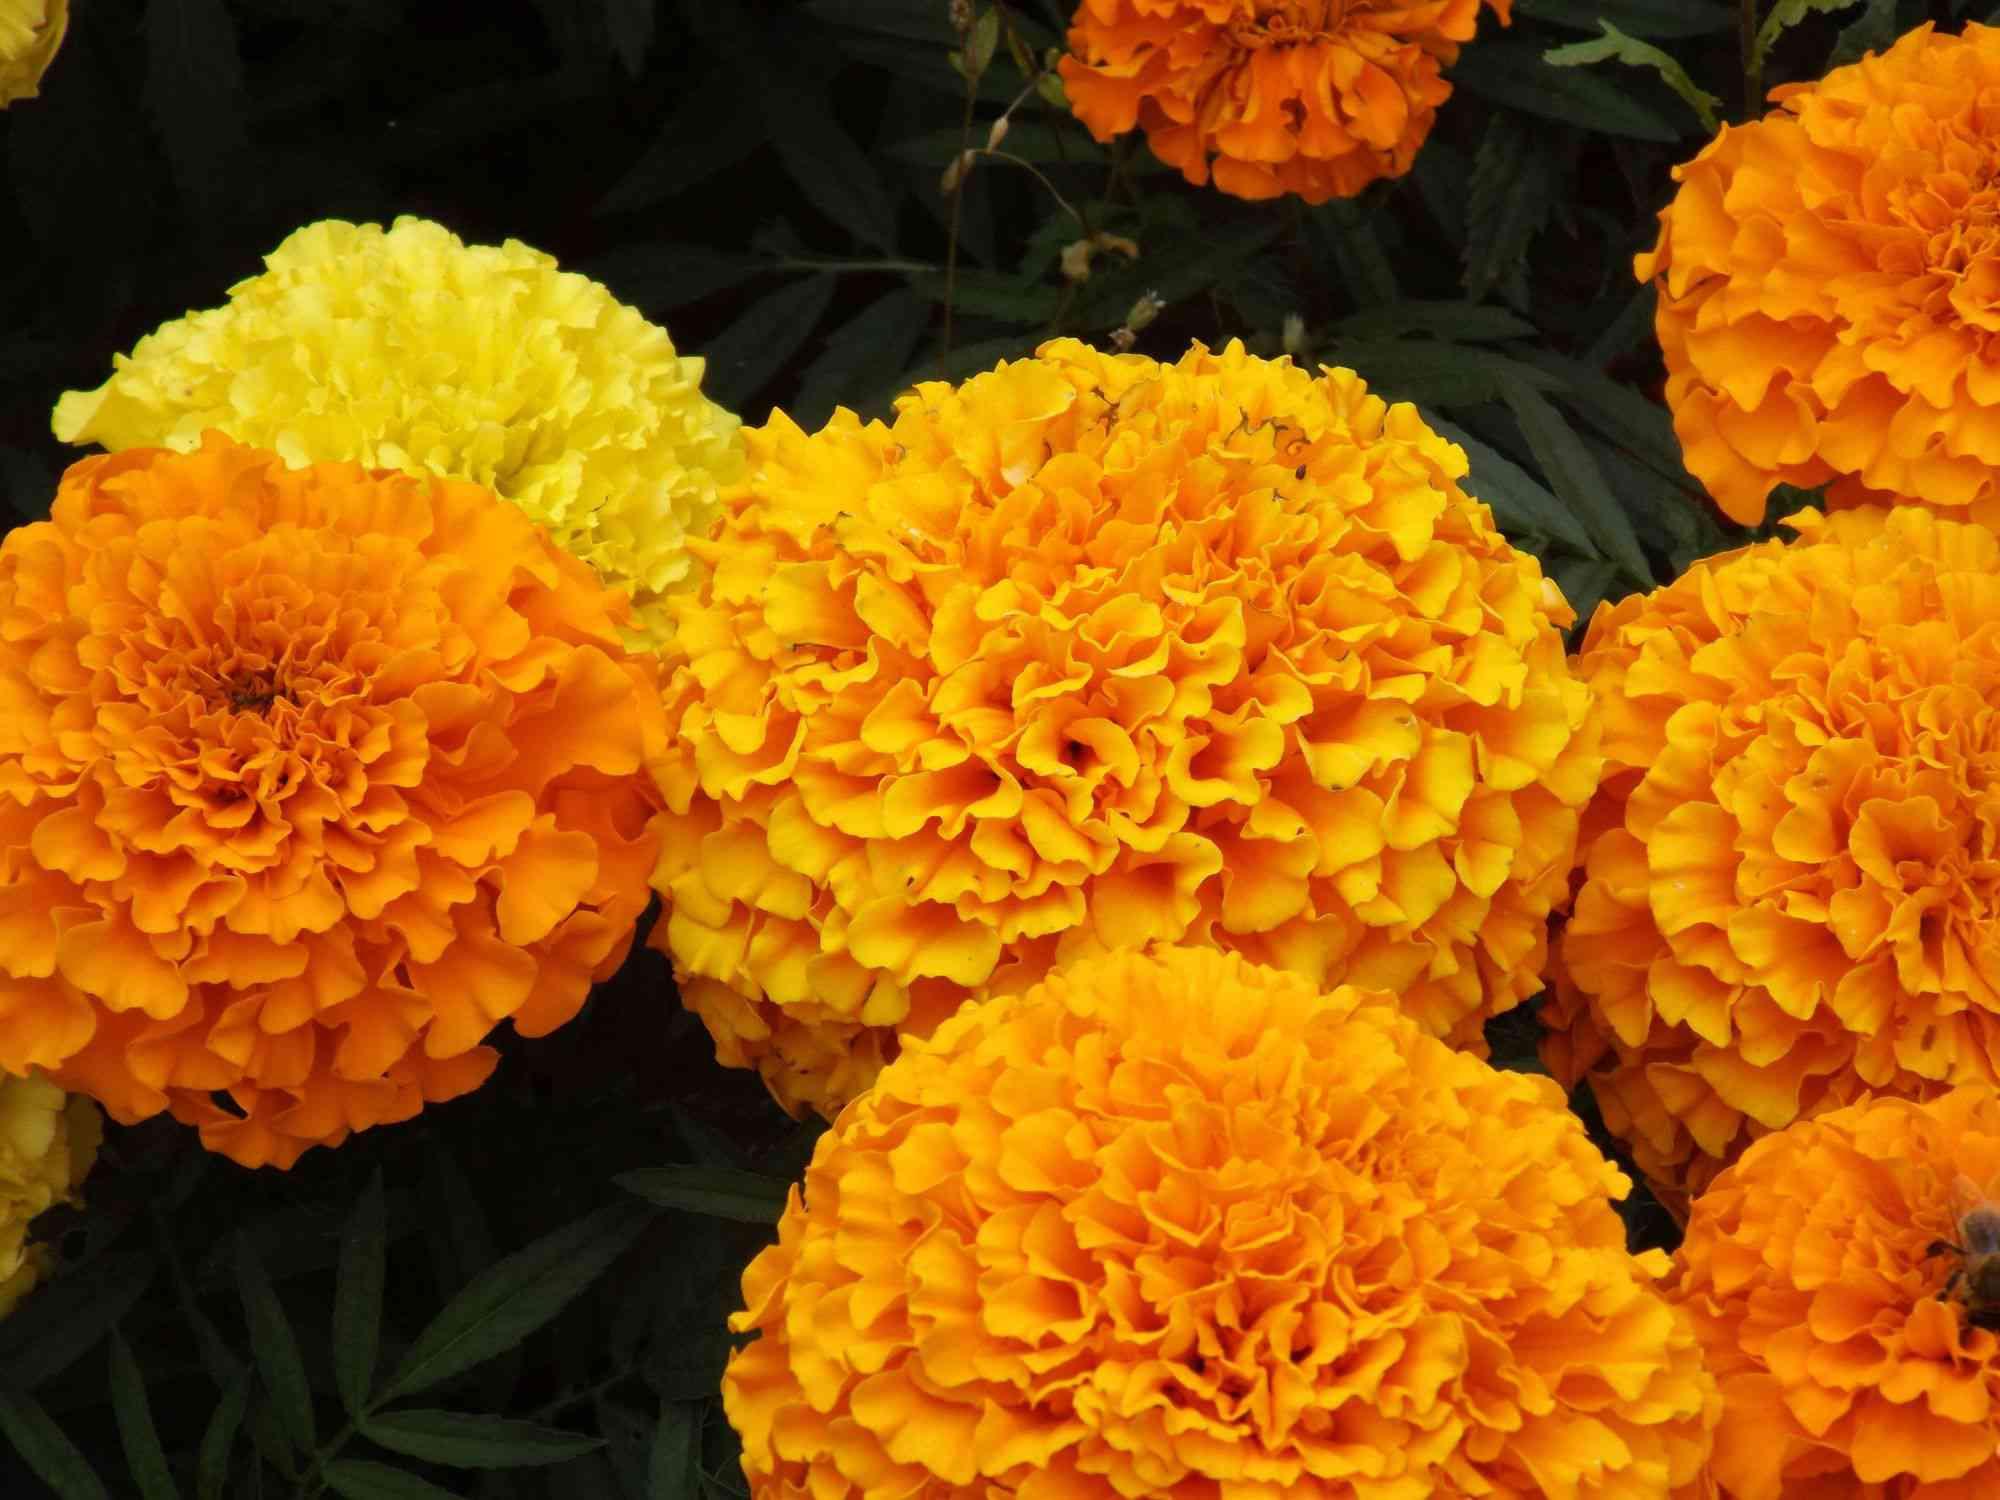 marigolds with pom pom blooms